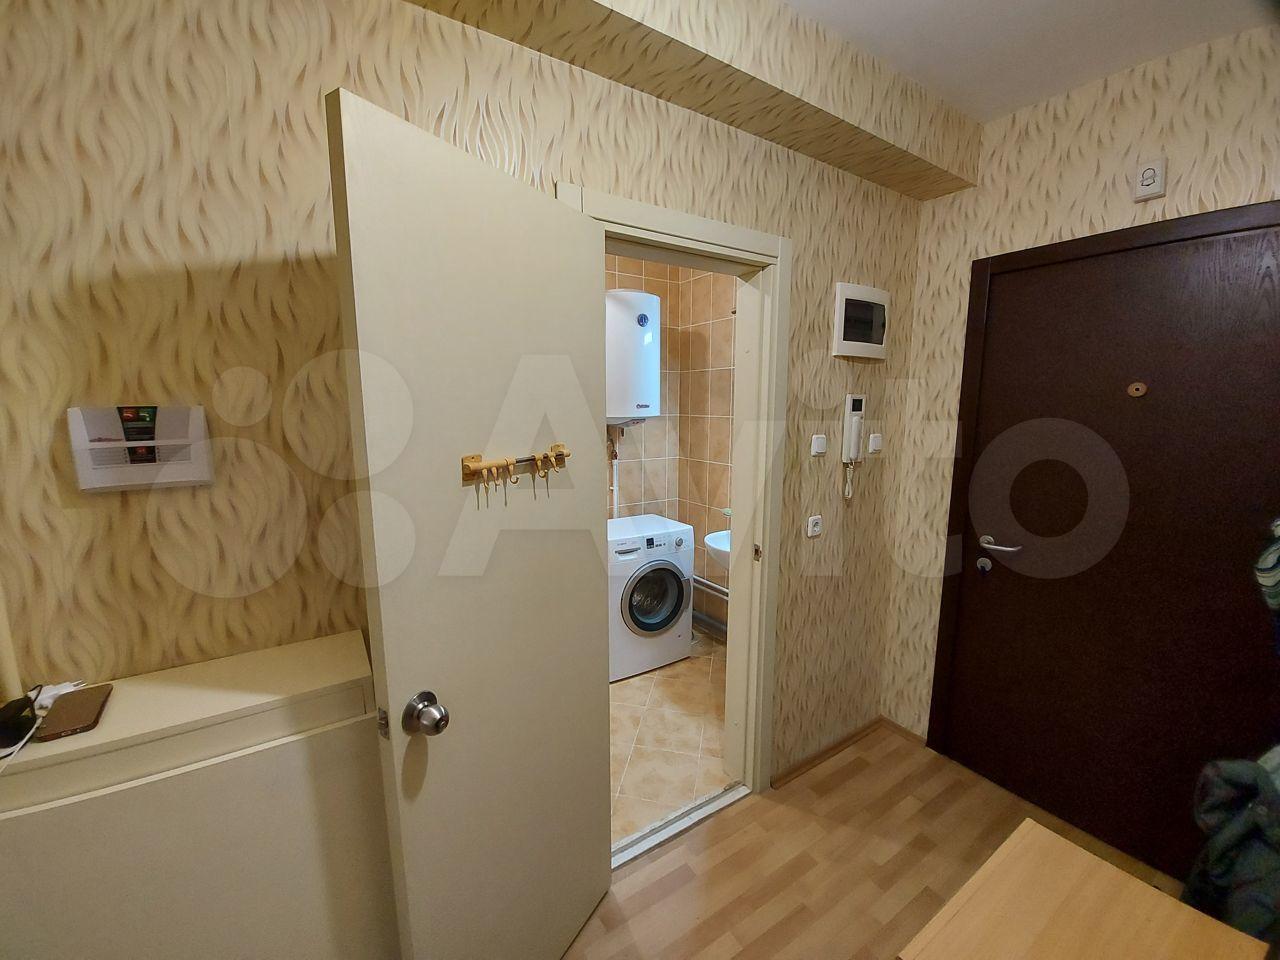 1-к квартира, 34 м², 3/7 эт. 89924069597 купить 3